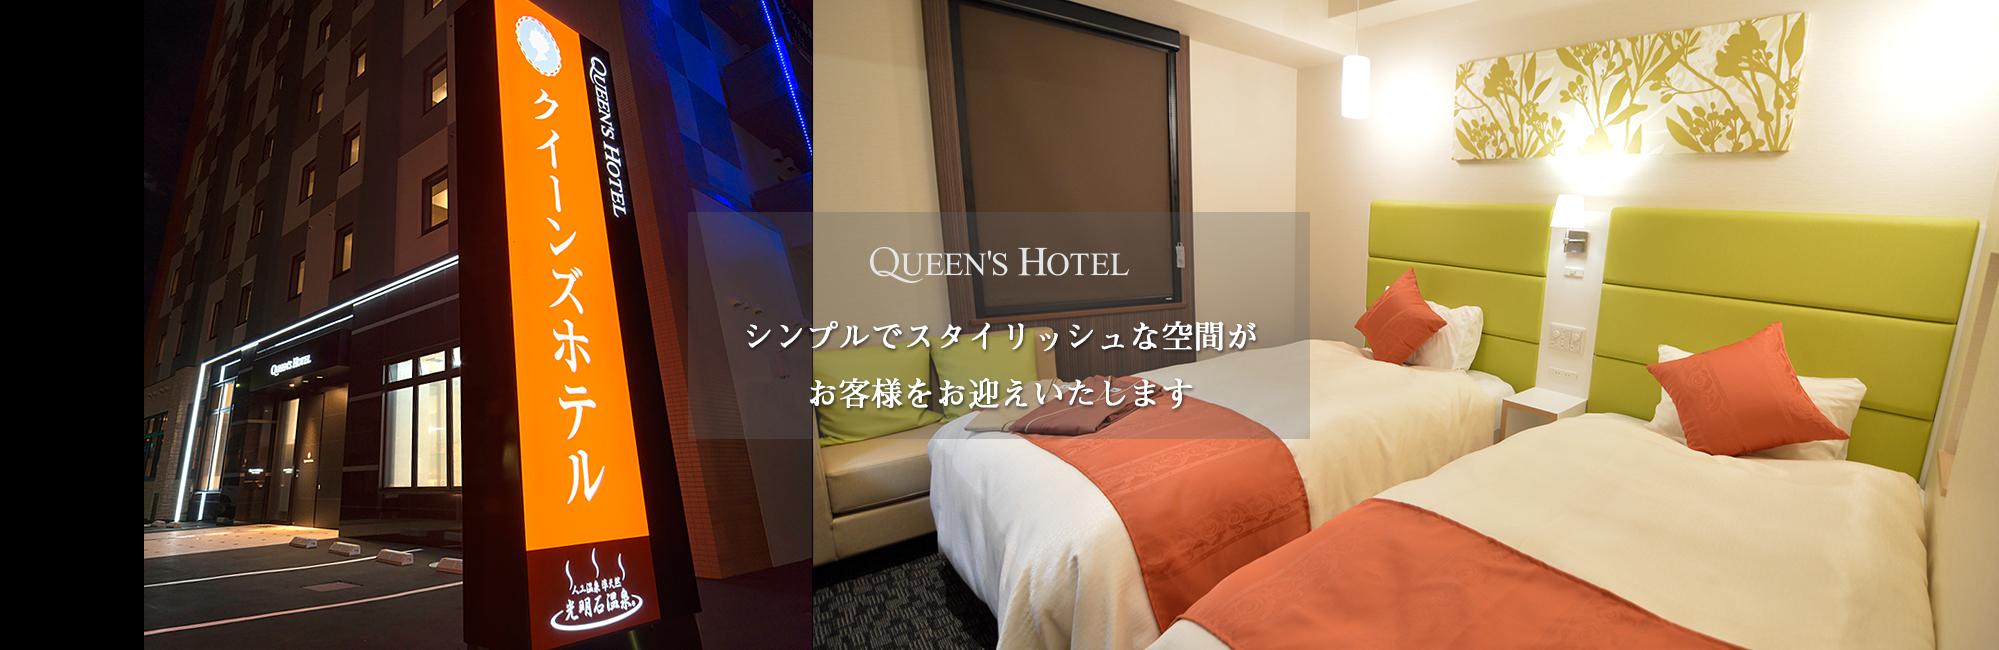 クイーンズホテル千歳では快適に宿泊頂けるようシモンズベッドを導入しております。観光やビジネスに最適